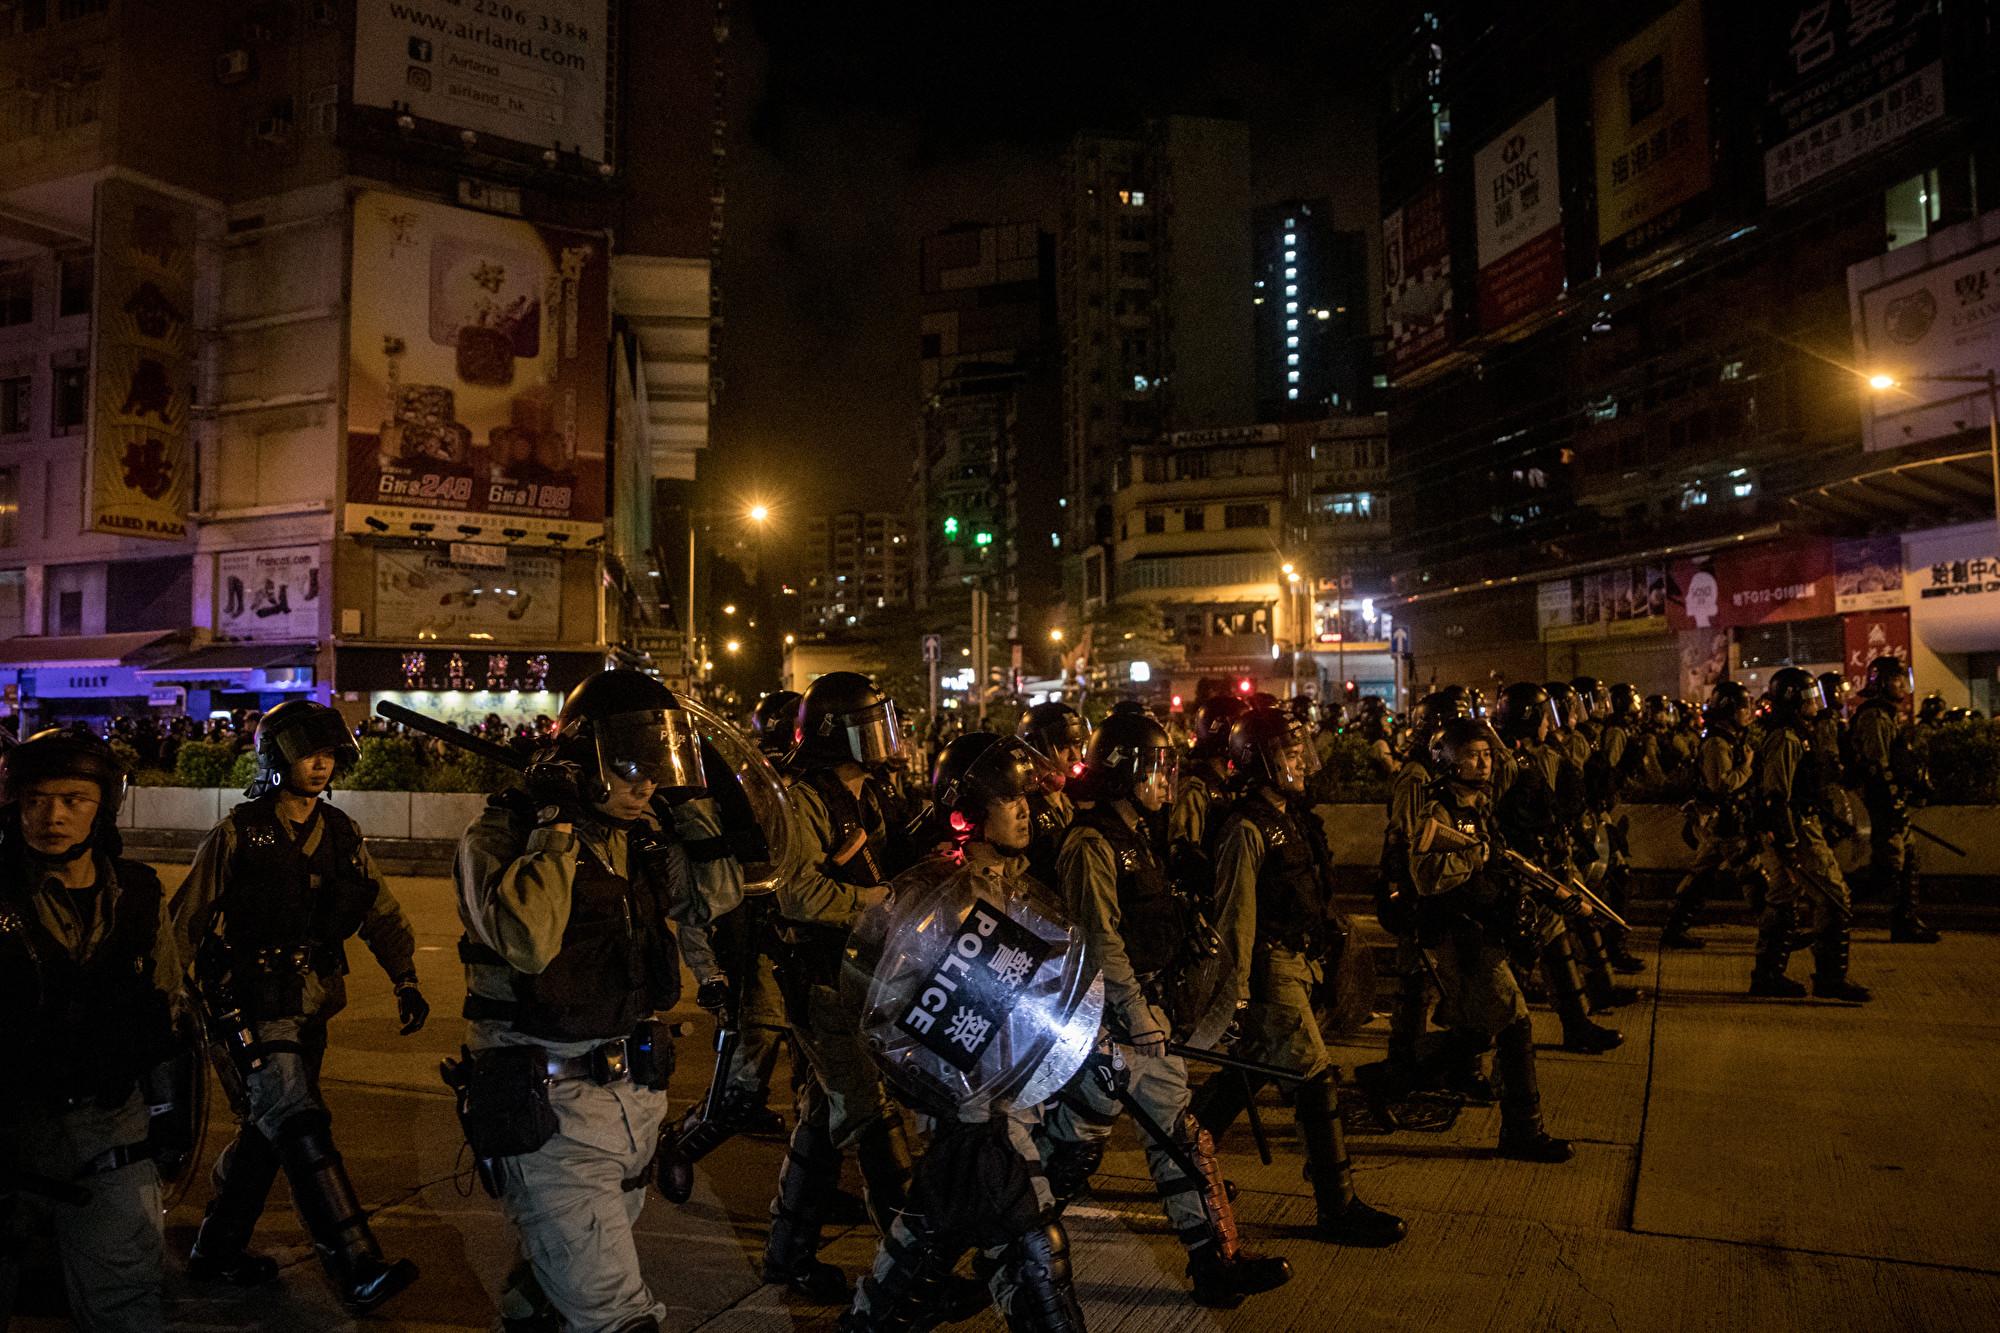 香港一名年輕男孩只因暗諷警察「沒有良心」,結果遭警察一陣毒打,打到頭破血流。圖為2019年9月1日,出現在旺角街頭的警察。(Chris McGrath/Getty Images)